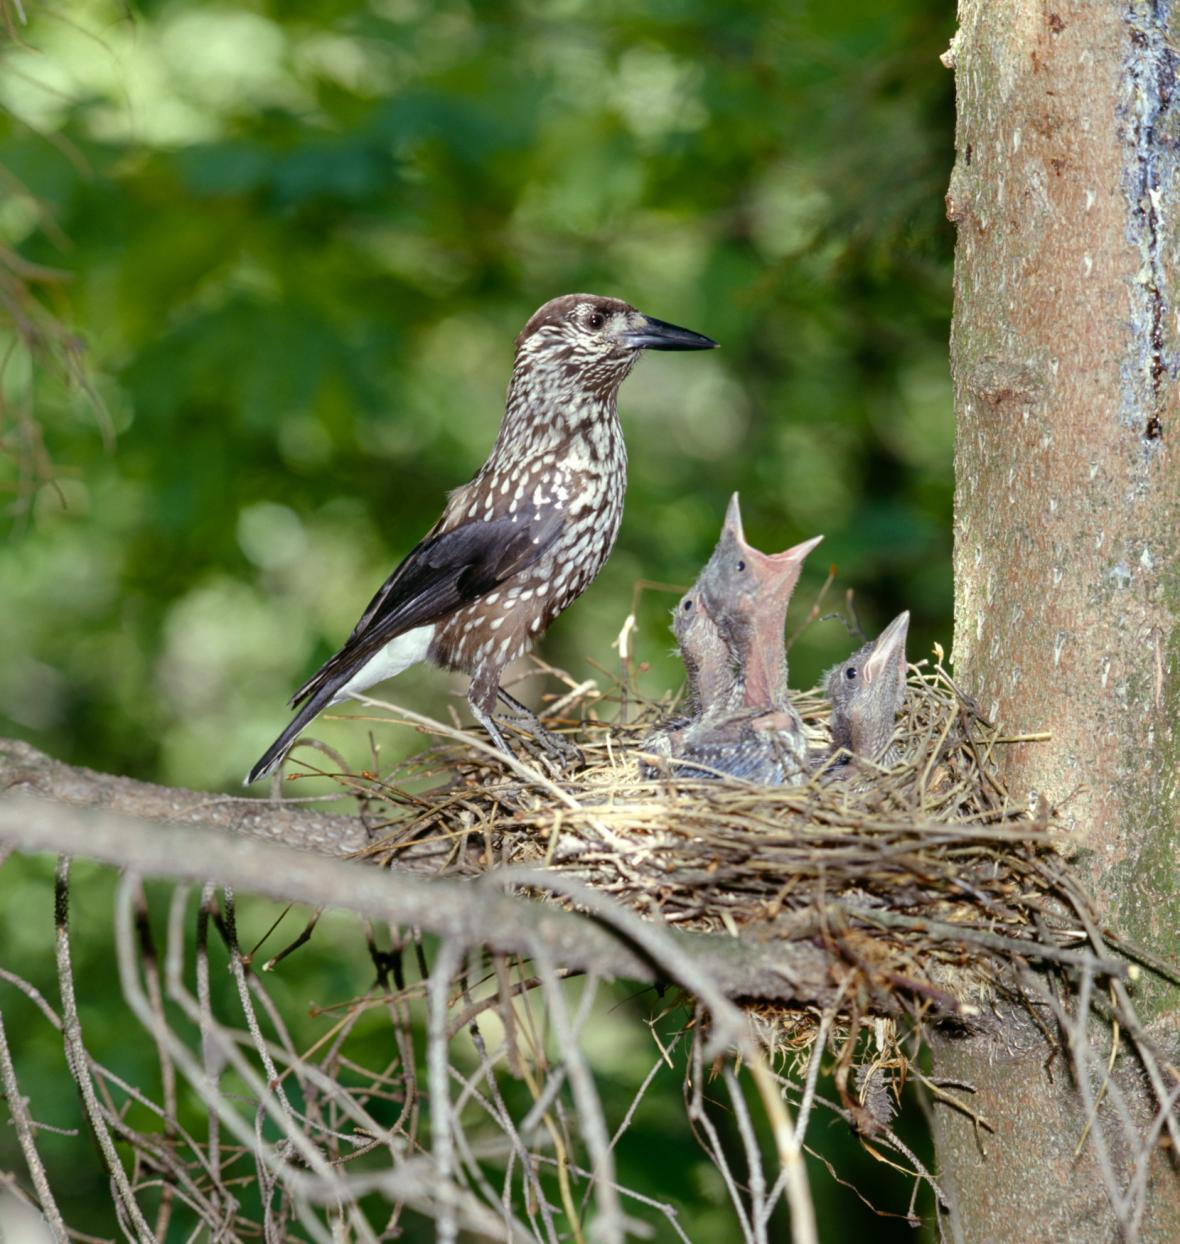 Samice ořešníka kropenatého s mláďaty